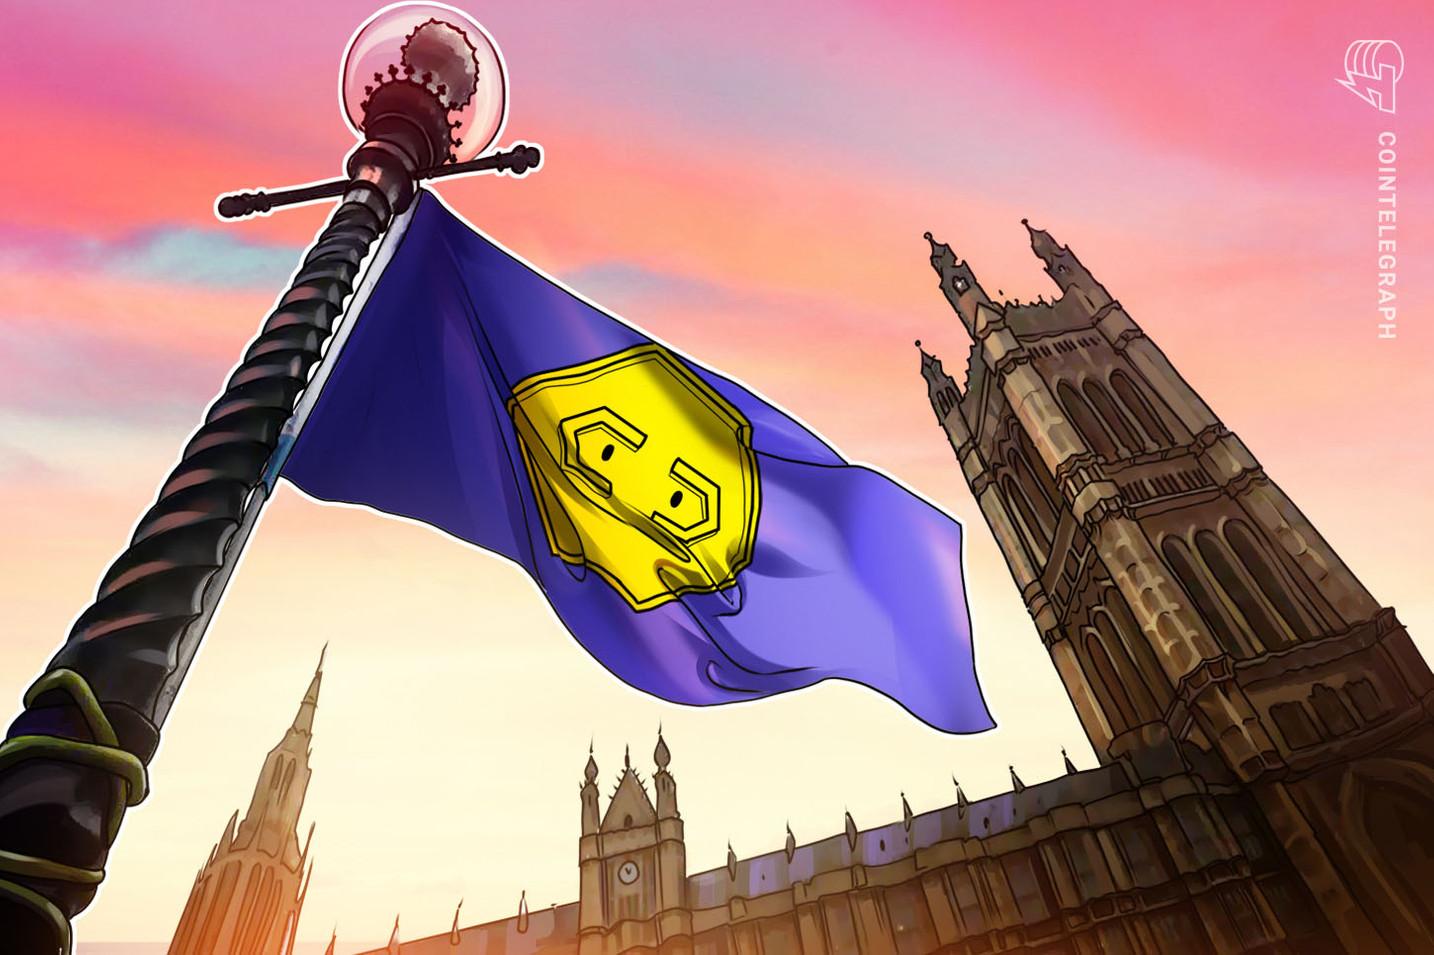 İngiliz Hükümeti: Kripto Türevlerde Son Söz FCA'nın